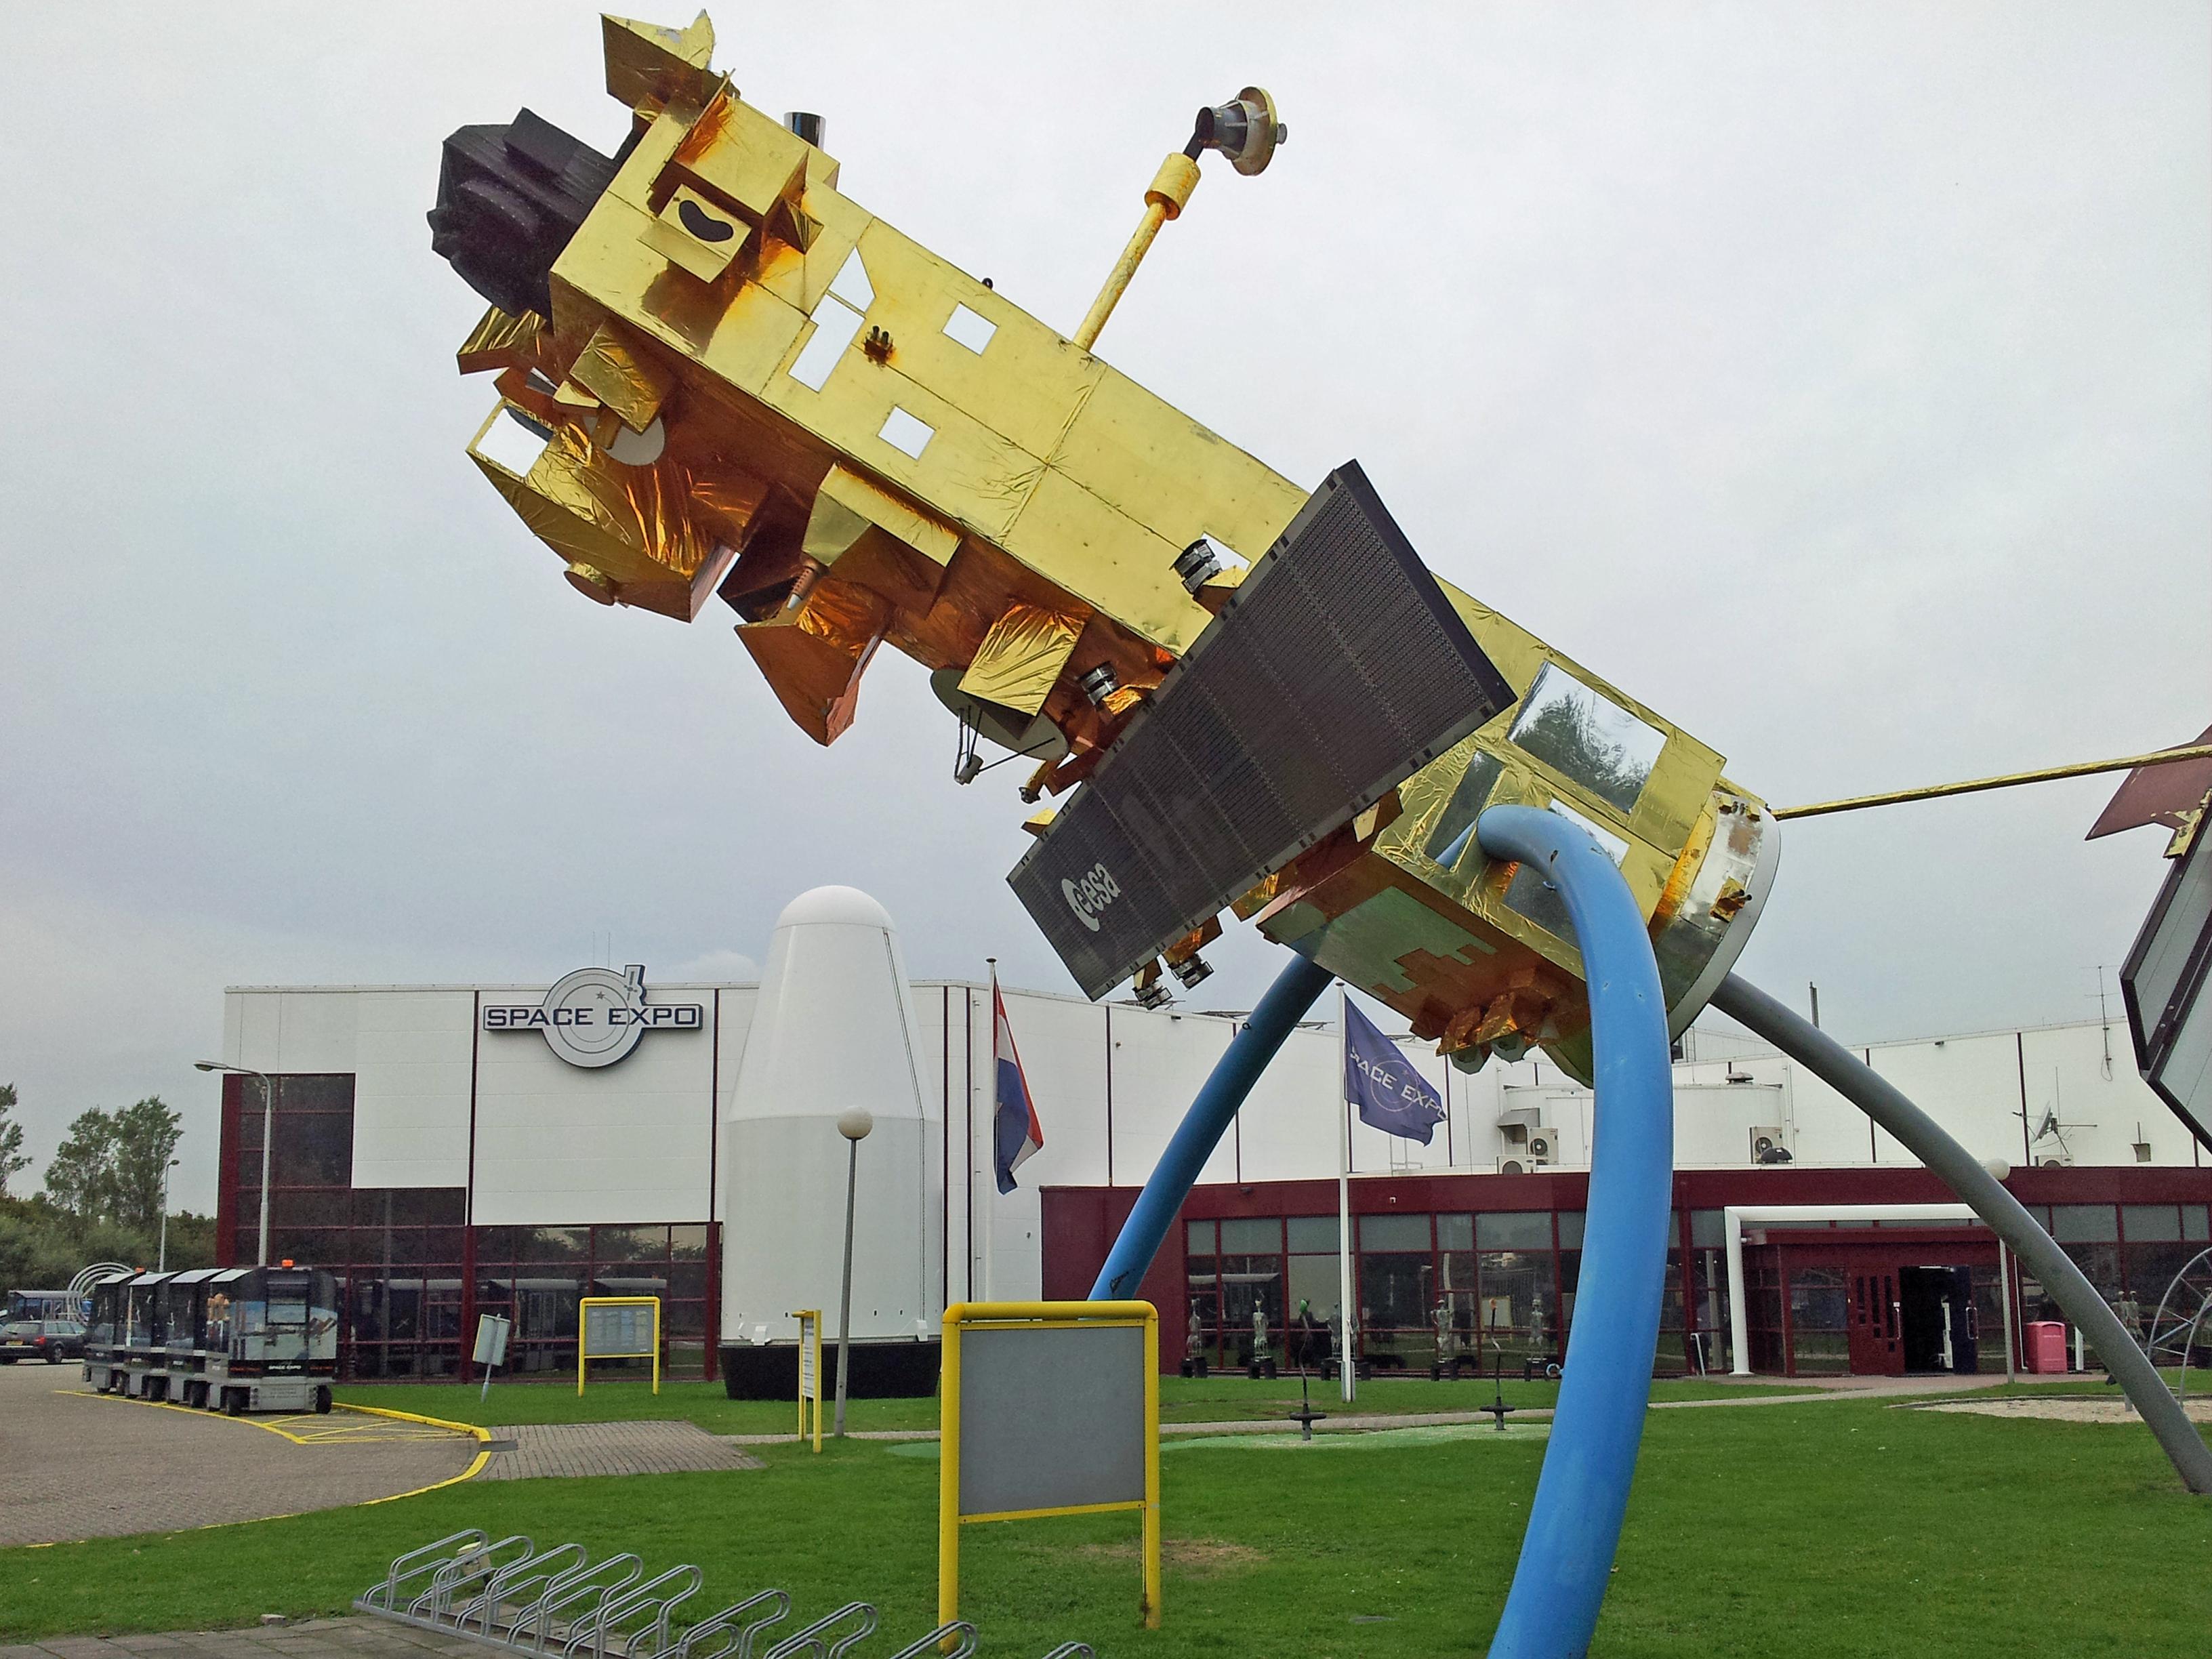 File:Space Expo-Noordwijk.jpg - Wikimedia Commons